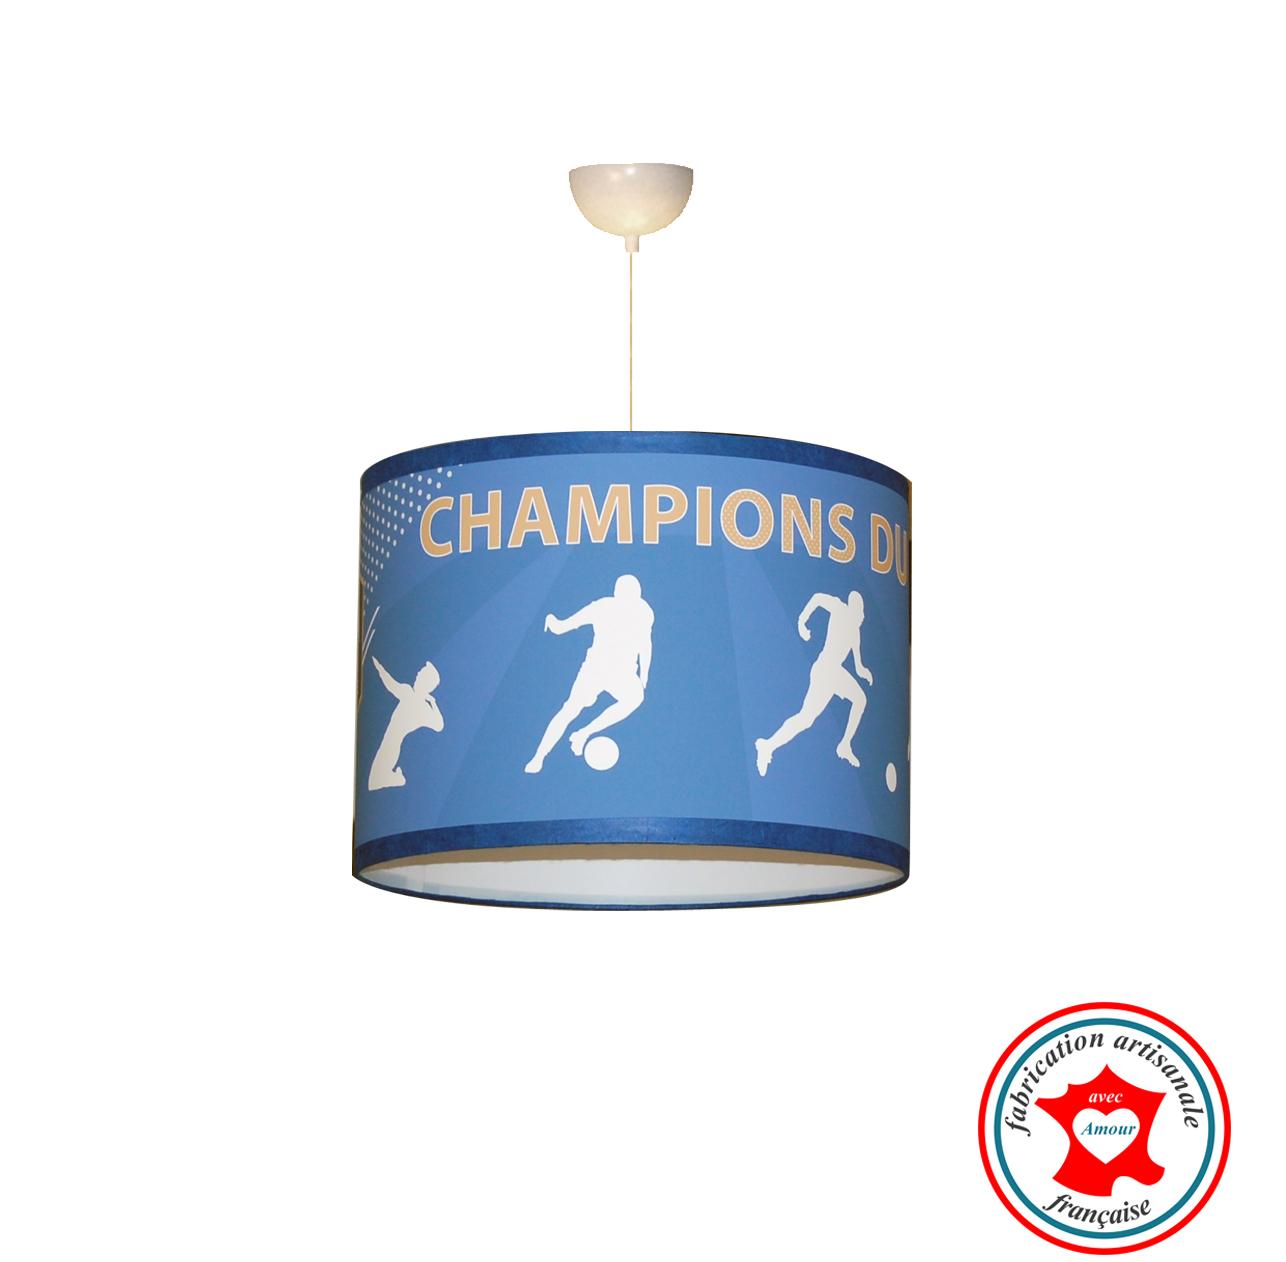 Champions du monde 7